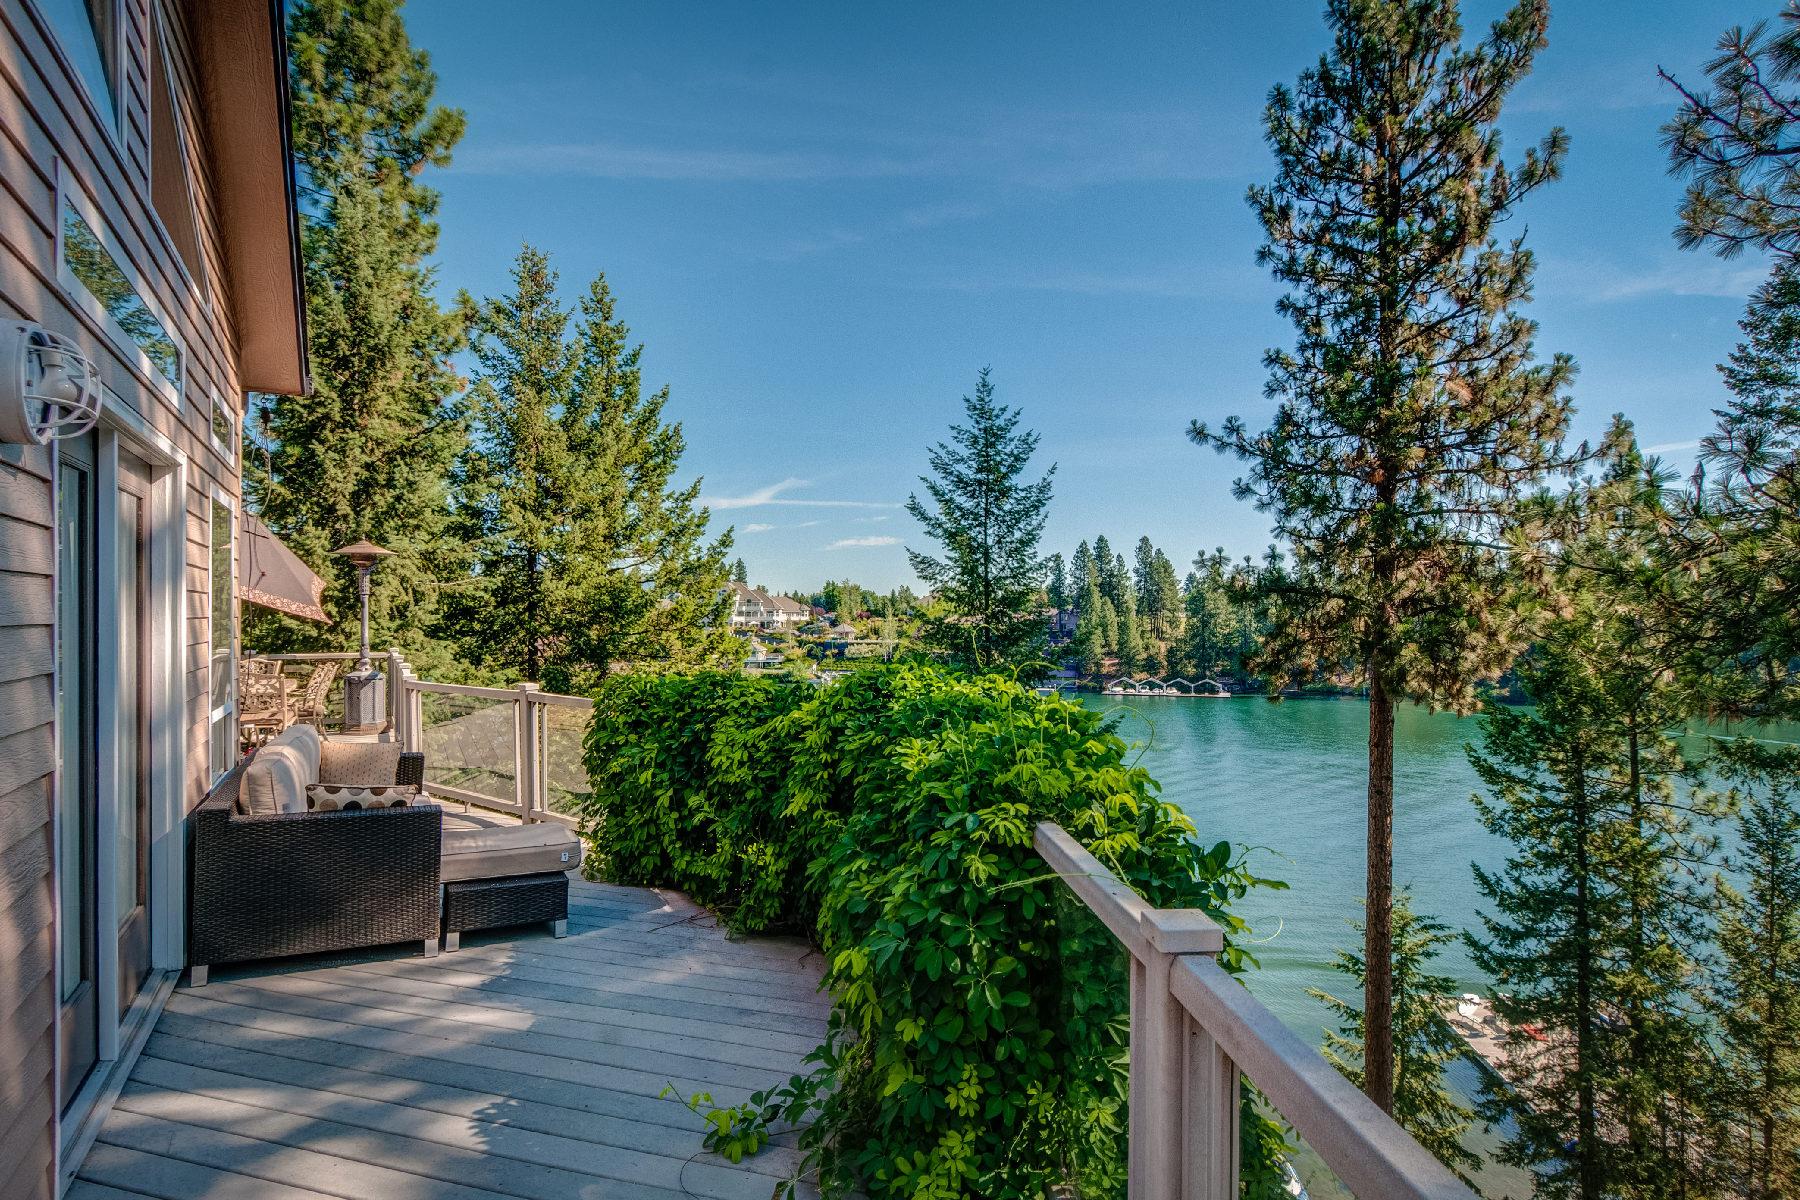 獨棟家庭住宅 為 出售 在 ENTERTAINER'S DELIGHT ON THE BEAUTIFUL SPOKANE RIVER! 10439 W Shale Ct Post Falls, 愛達荷州, 83854 美國